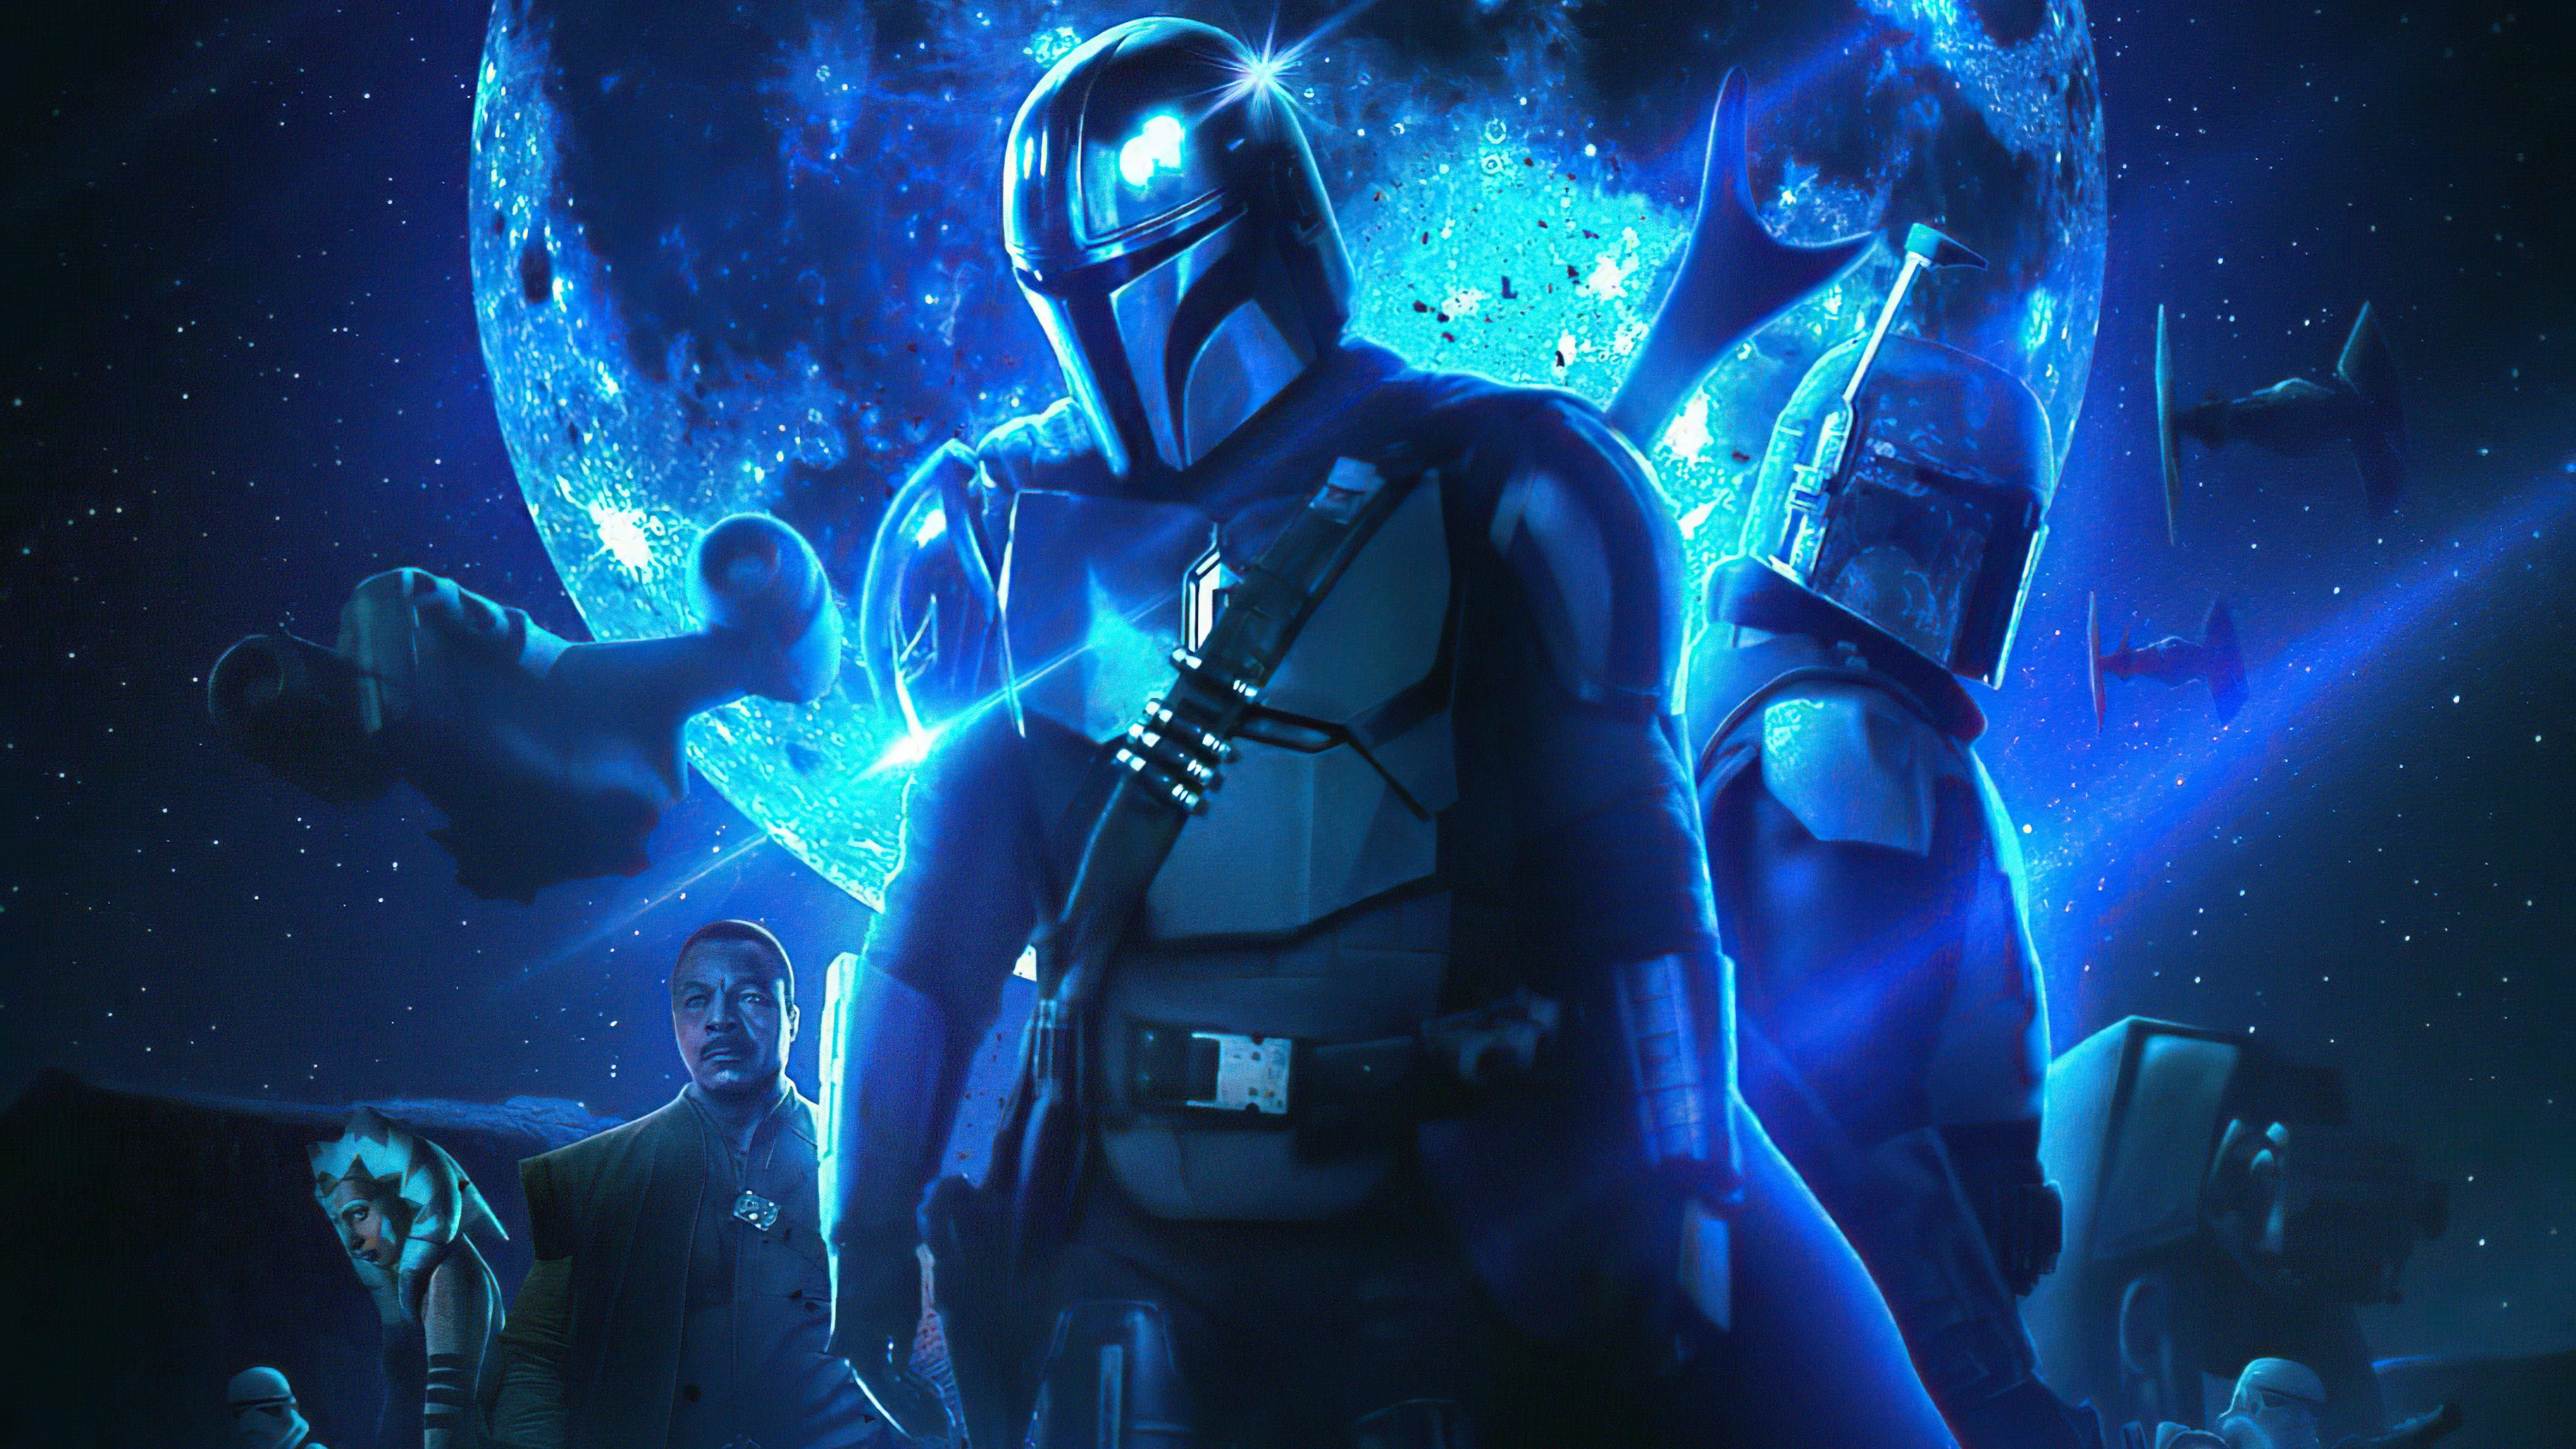 Fondos de pantalla El Mandaloriano Star Wars Temporada 3